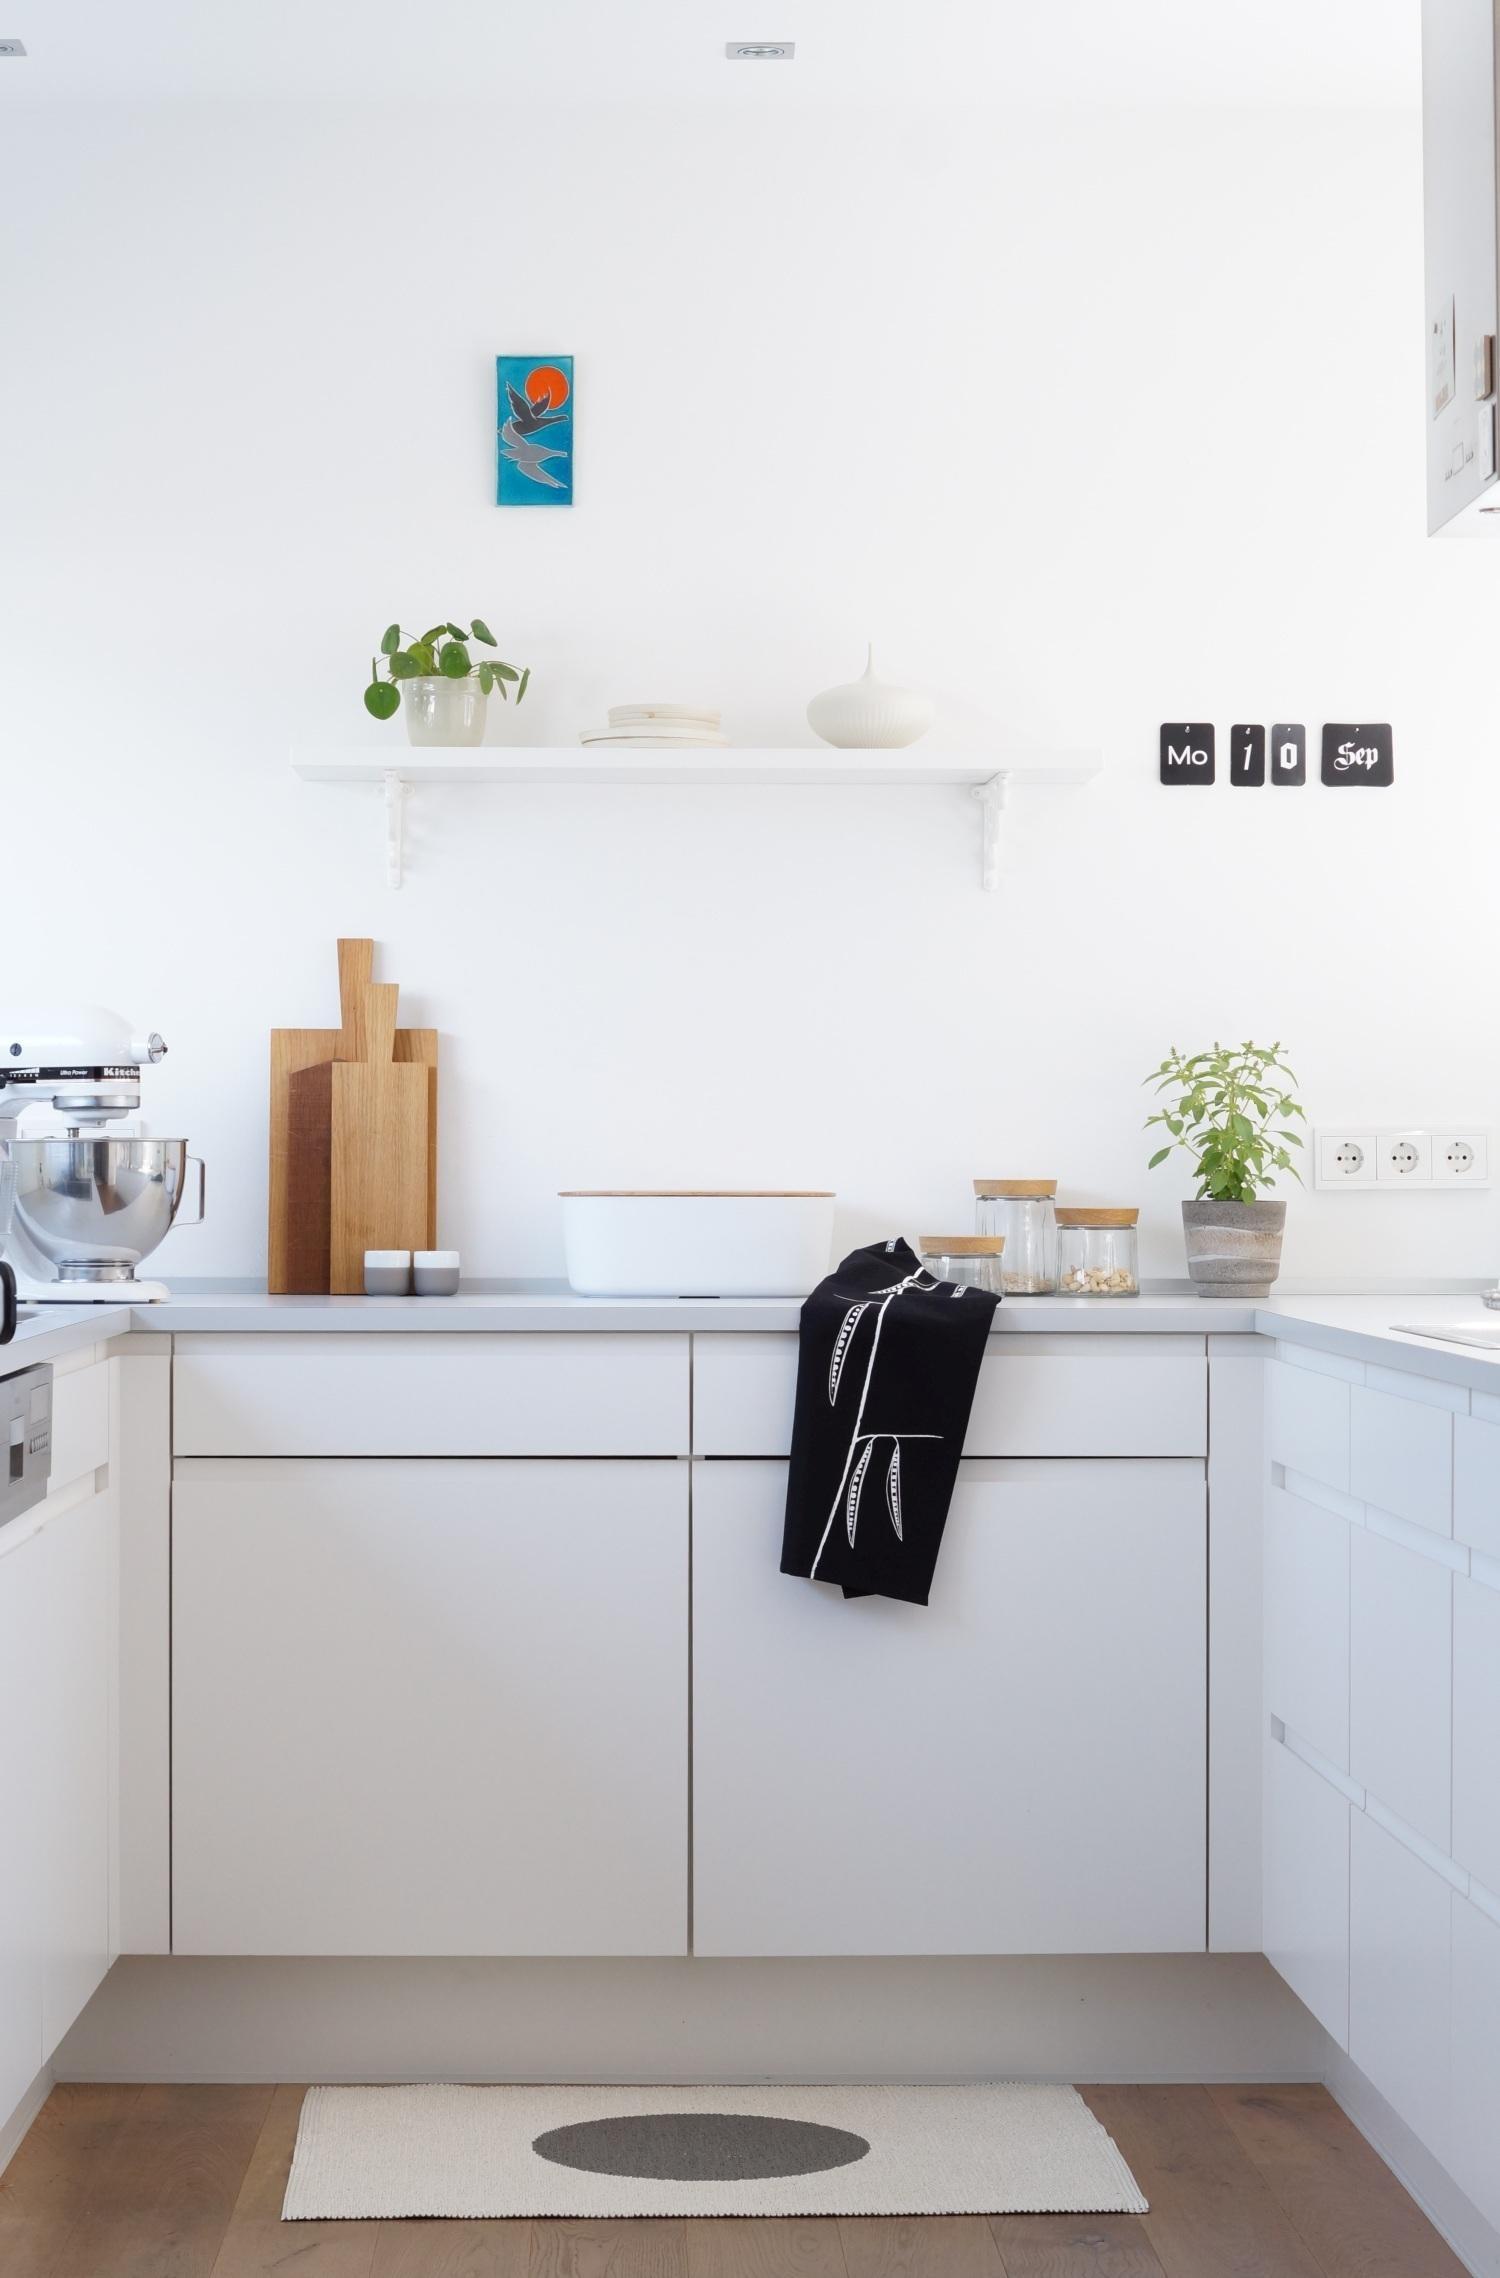 #küche #kleineküche #weiß #geschirrtuch #schwarzweiß #vintage #holzbrett  #orange